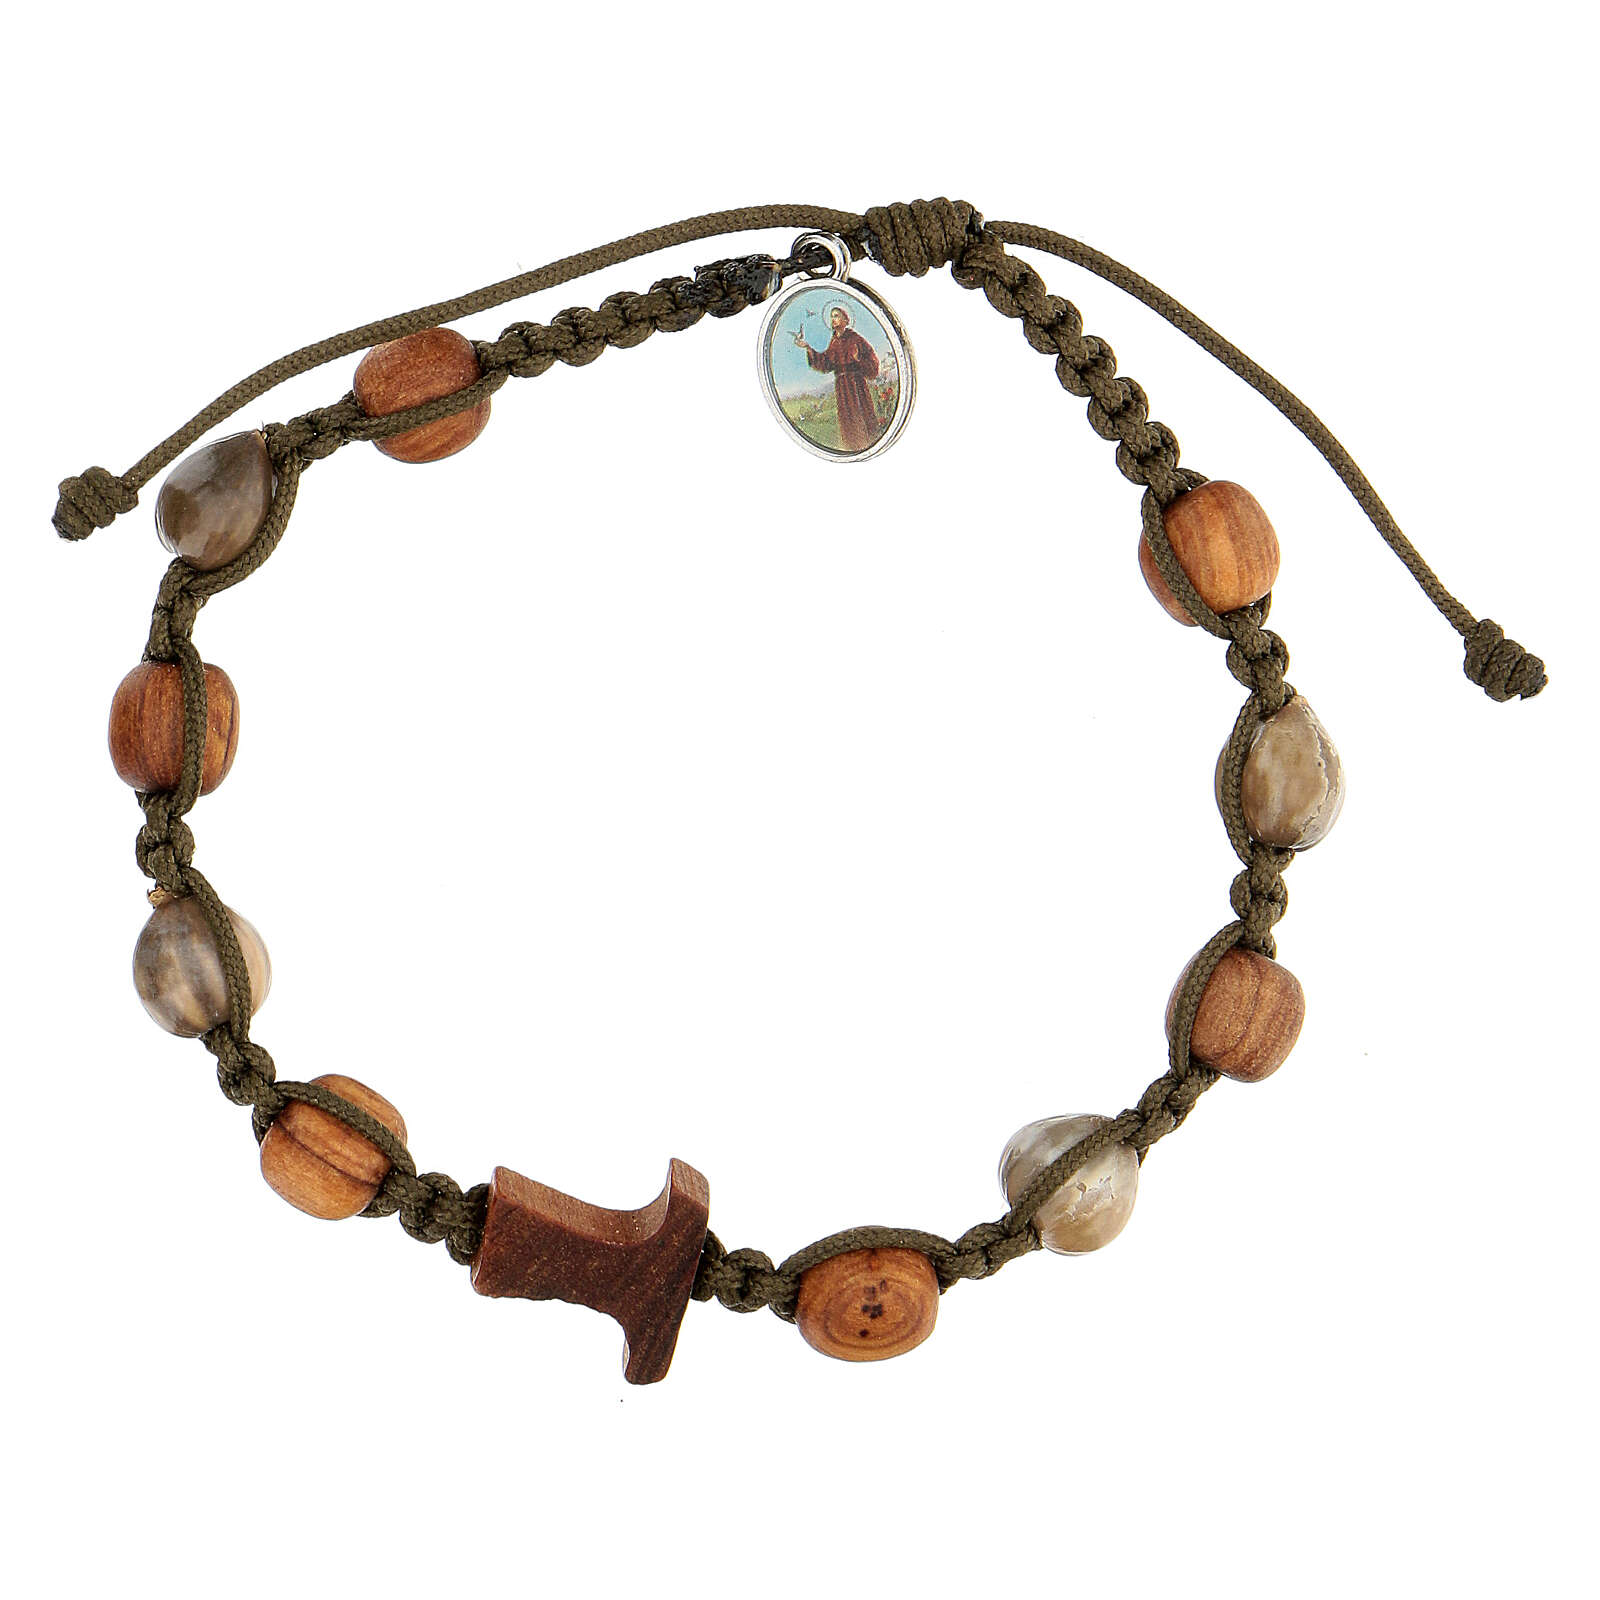 Bracelet grains bicolores croix tau Medjugorje corde vert foncé 4